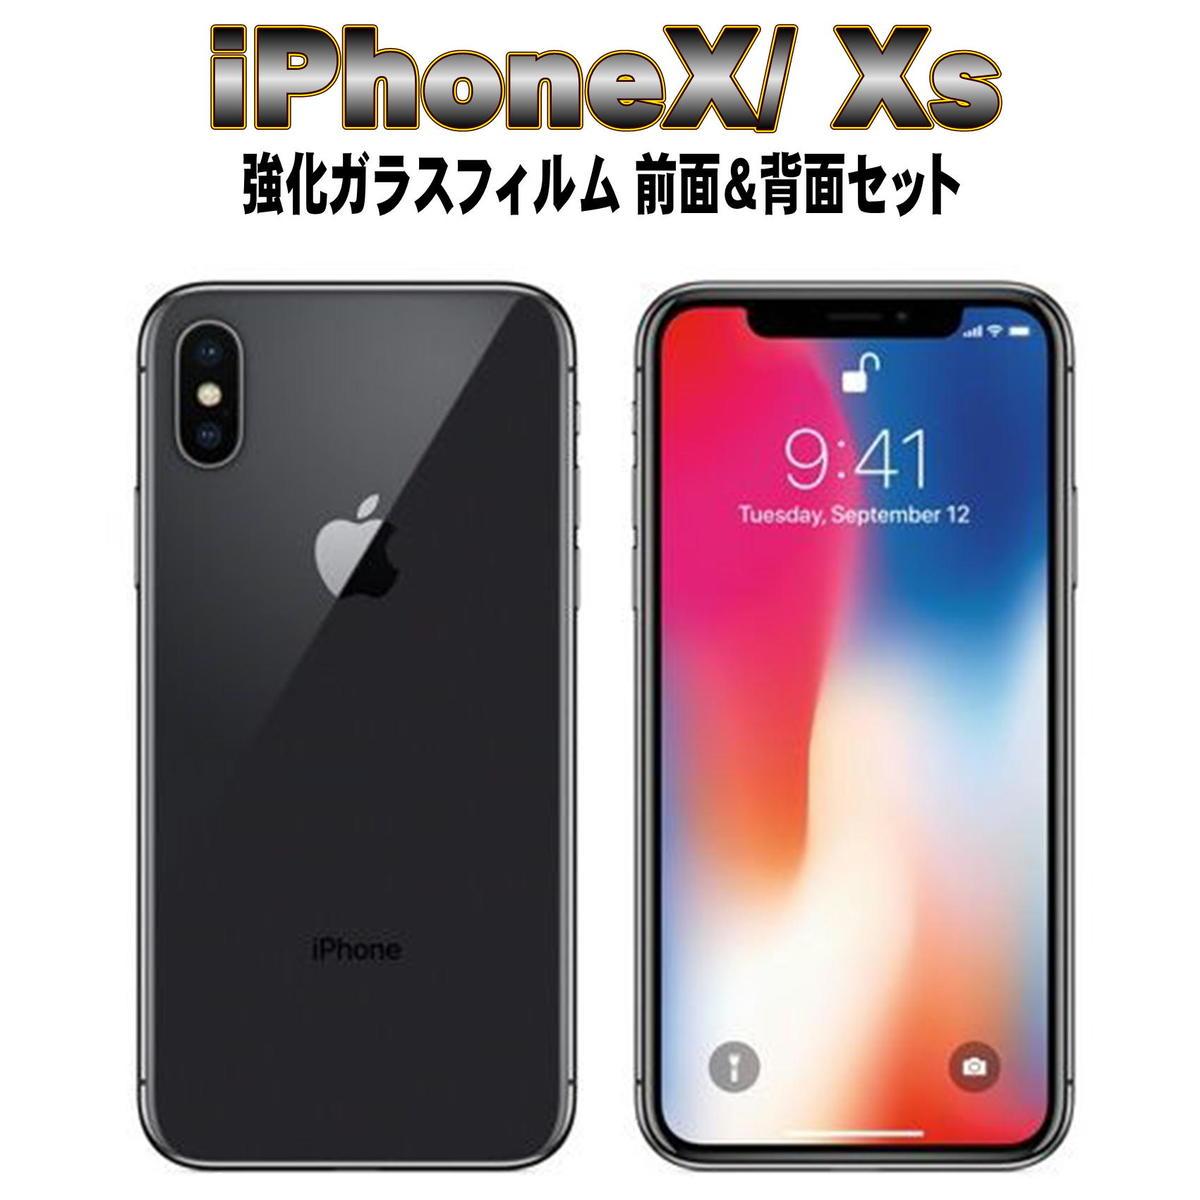 液晶画面を徹底防御 液晶保護フィルム ガラスフィルム 保護フィルム iPhone 期間限定お試し価格 フィルム X 背面 前面 XS 2枚セット 毎週更新 バック 強化ガラスフィルム フロント